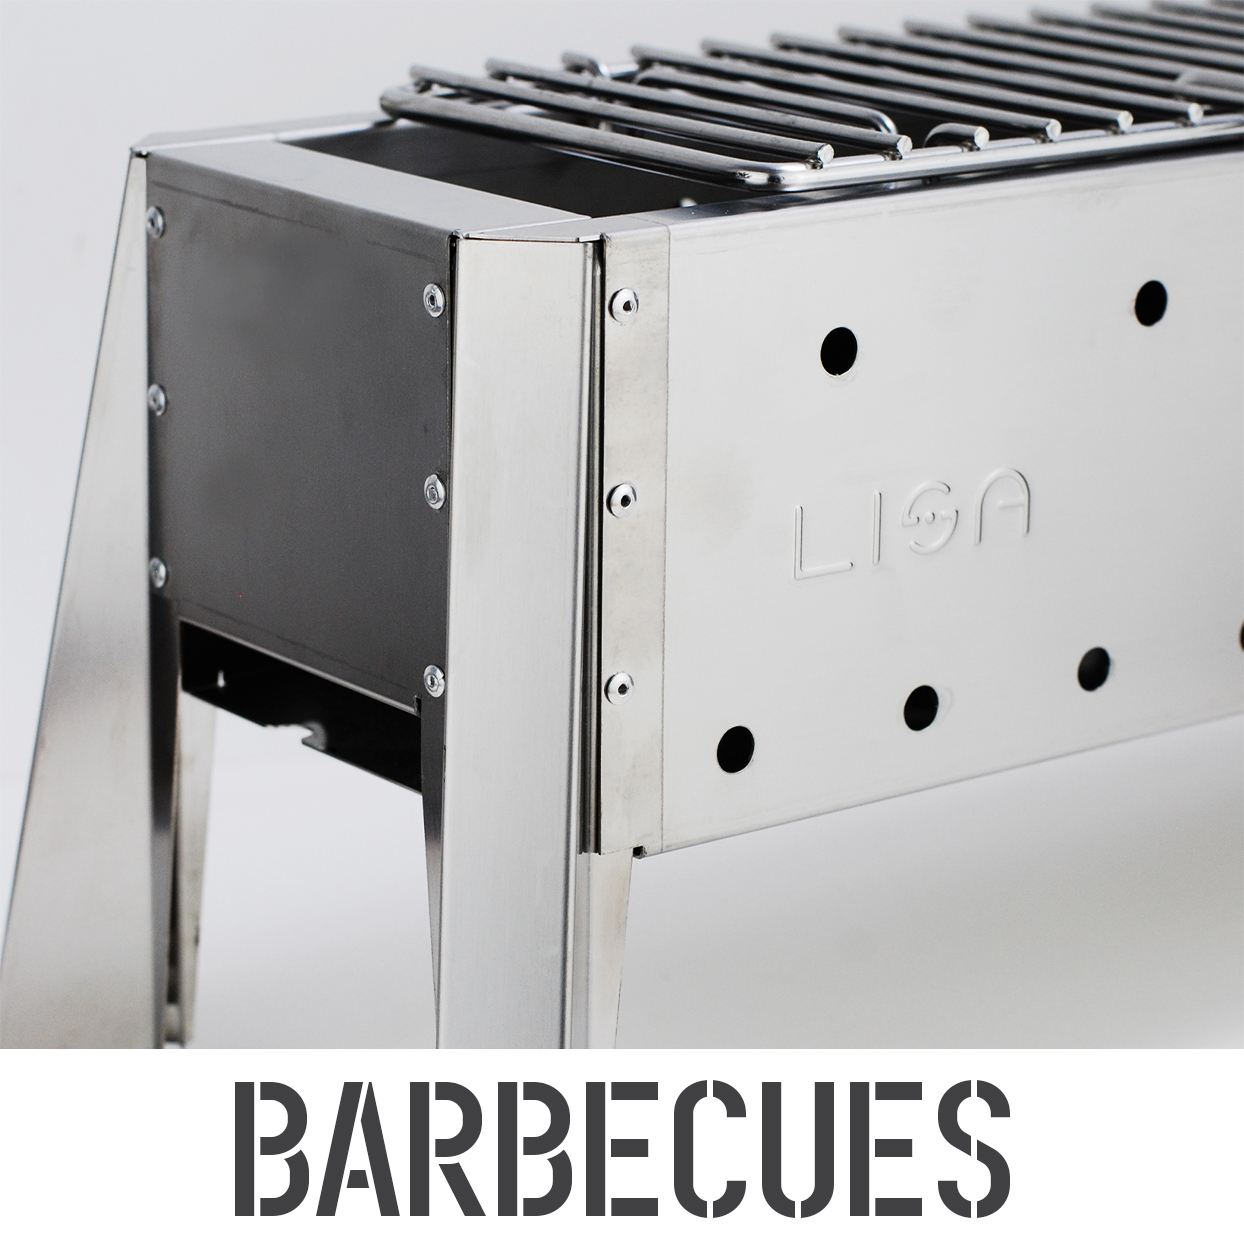 BARBECUES R.jpg